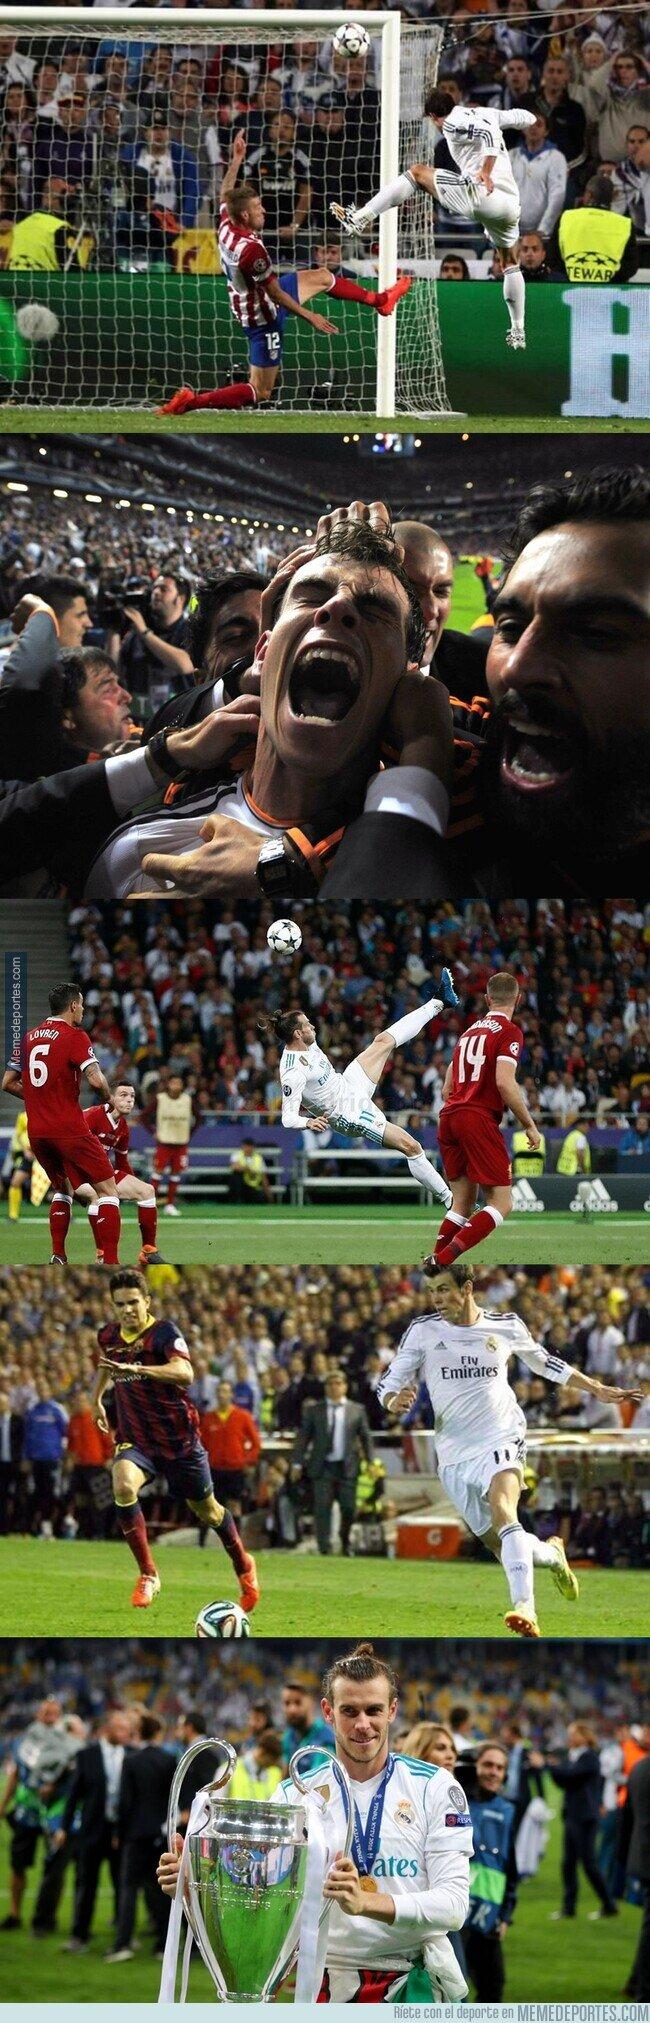 1115907 - A pesar de las burlas, se marcha del Madrid un jugador al cual le deben muchísimo.